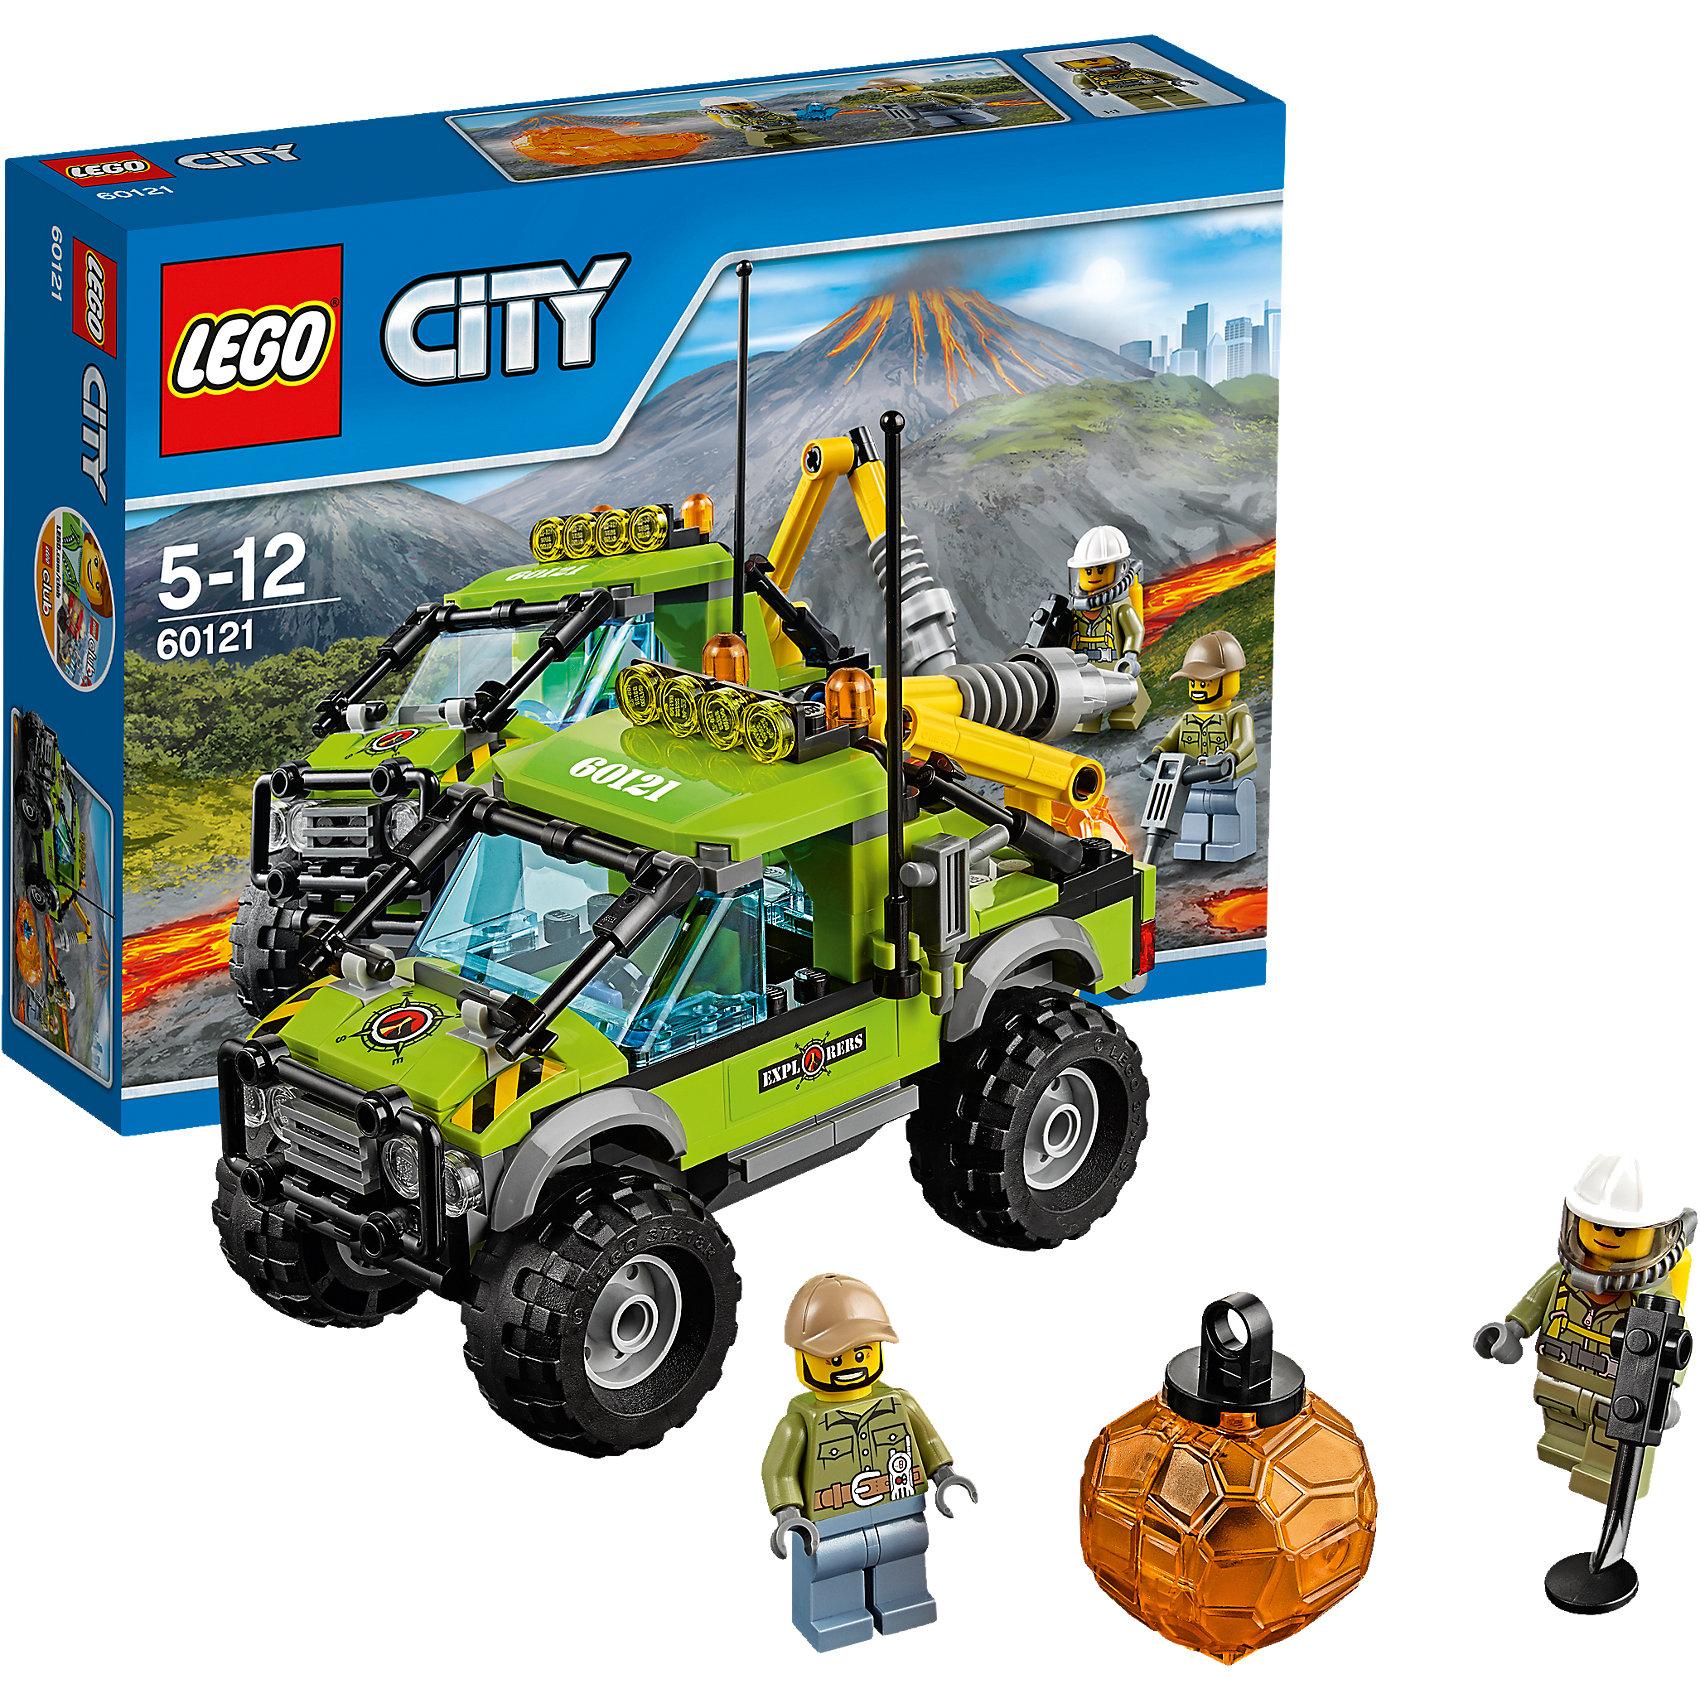 LEGO City 60121: Грузовик исследователей вулкановLEGO<br>Скорее прыгай в грузовик исследователей и отправляйся в увлекательную экспедицию к подножию вулкана! Вездеход георазведки имеет большие колеса, прочное лобовое крыло и мощные фары на крыше. В открытом багажнике есть настоящий бур. С его помощью можно  разбивать даже огромные камни! Смотри, какой красивый кристалл был внутри валуна! <br><br>LEGO City (ЛЕГО Сити) - серия детских конструкторов ЛЕГО, с помощью которого ваш ребенок может погрузиться в мир мегаполиса. Эта серия поможет ребенку понять, как устроена жизнь города, какие функции выполняют те или иные люди и техника. Предлагает на выбор огромное множество профессий, сфер деятельности и ситуаций, связанных с ними.<br><br>Дополнительная информация:<br><br>- Конструкторы ЛЕГО развивают усидчивость, внимание, фантазию и мелкую моторику. <br>- 2 минифигурки геологов.<br>- Количество деталей: 175. <br>- Комплектация: 2 минифигурки, аксессуары, грузовик, кристалл.<br>- Колеса машины подвижные.<br>- Серия ЛЕГО Сити (LEGO City).<br>- Материал: пластик.<br>- Размер упаковки: 26,2x19,1x6,1 см.<br>- Вес:0,33 кг.<br><br>Конструктор LEGO City 60121: Грузовик исследователей вулканов можно купить в нашем магазине.<br><br>Ширина мм: 265<br>Глубина мм: 190<br>Высота мм: 63<br>Вес г: 331<br>Возраст от месяцев: 60<br>Возраст до месяцев: 144<br>Пол: Мужской<br>Возраст: Детский<br>SKU: 4641227